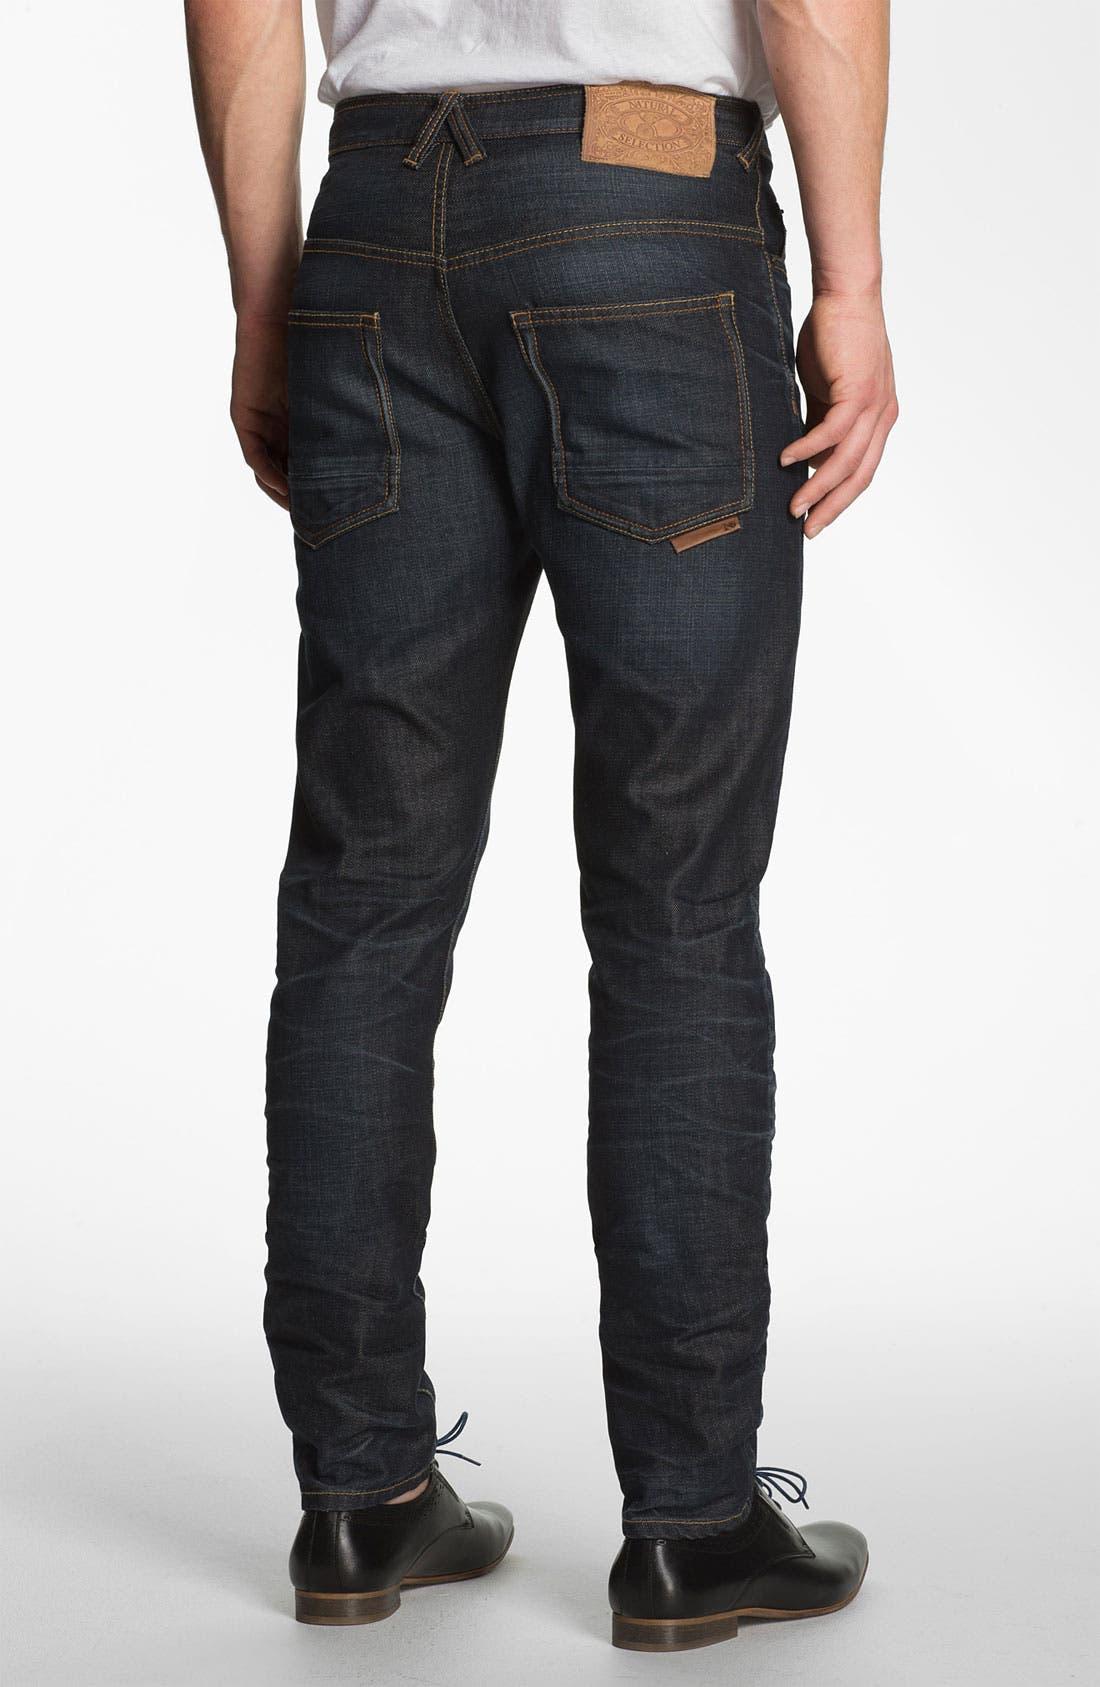 Alternate Image 1 Selected - Natural Selection Denim 'Bruised' Slim Carrot Fit Jeans (Blue Rain)